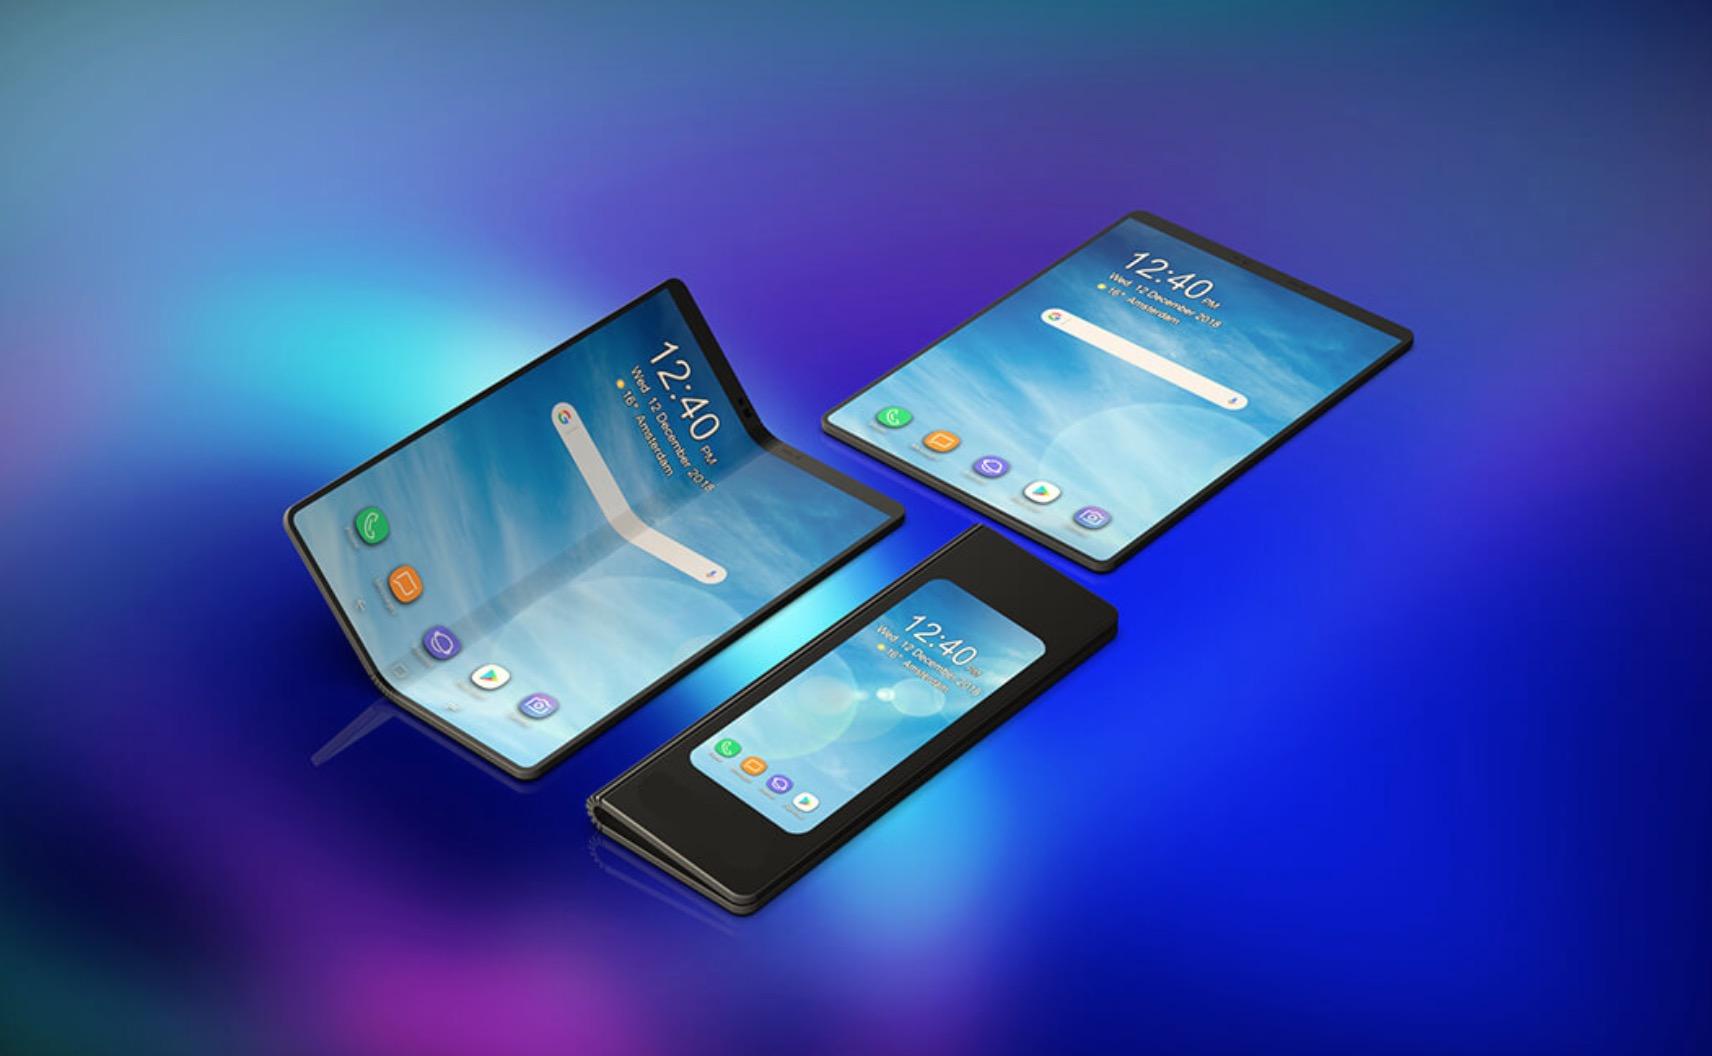 Складные смартфоны пока слишком дороги